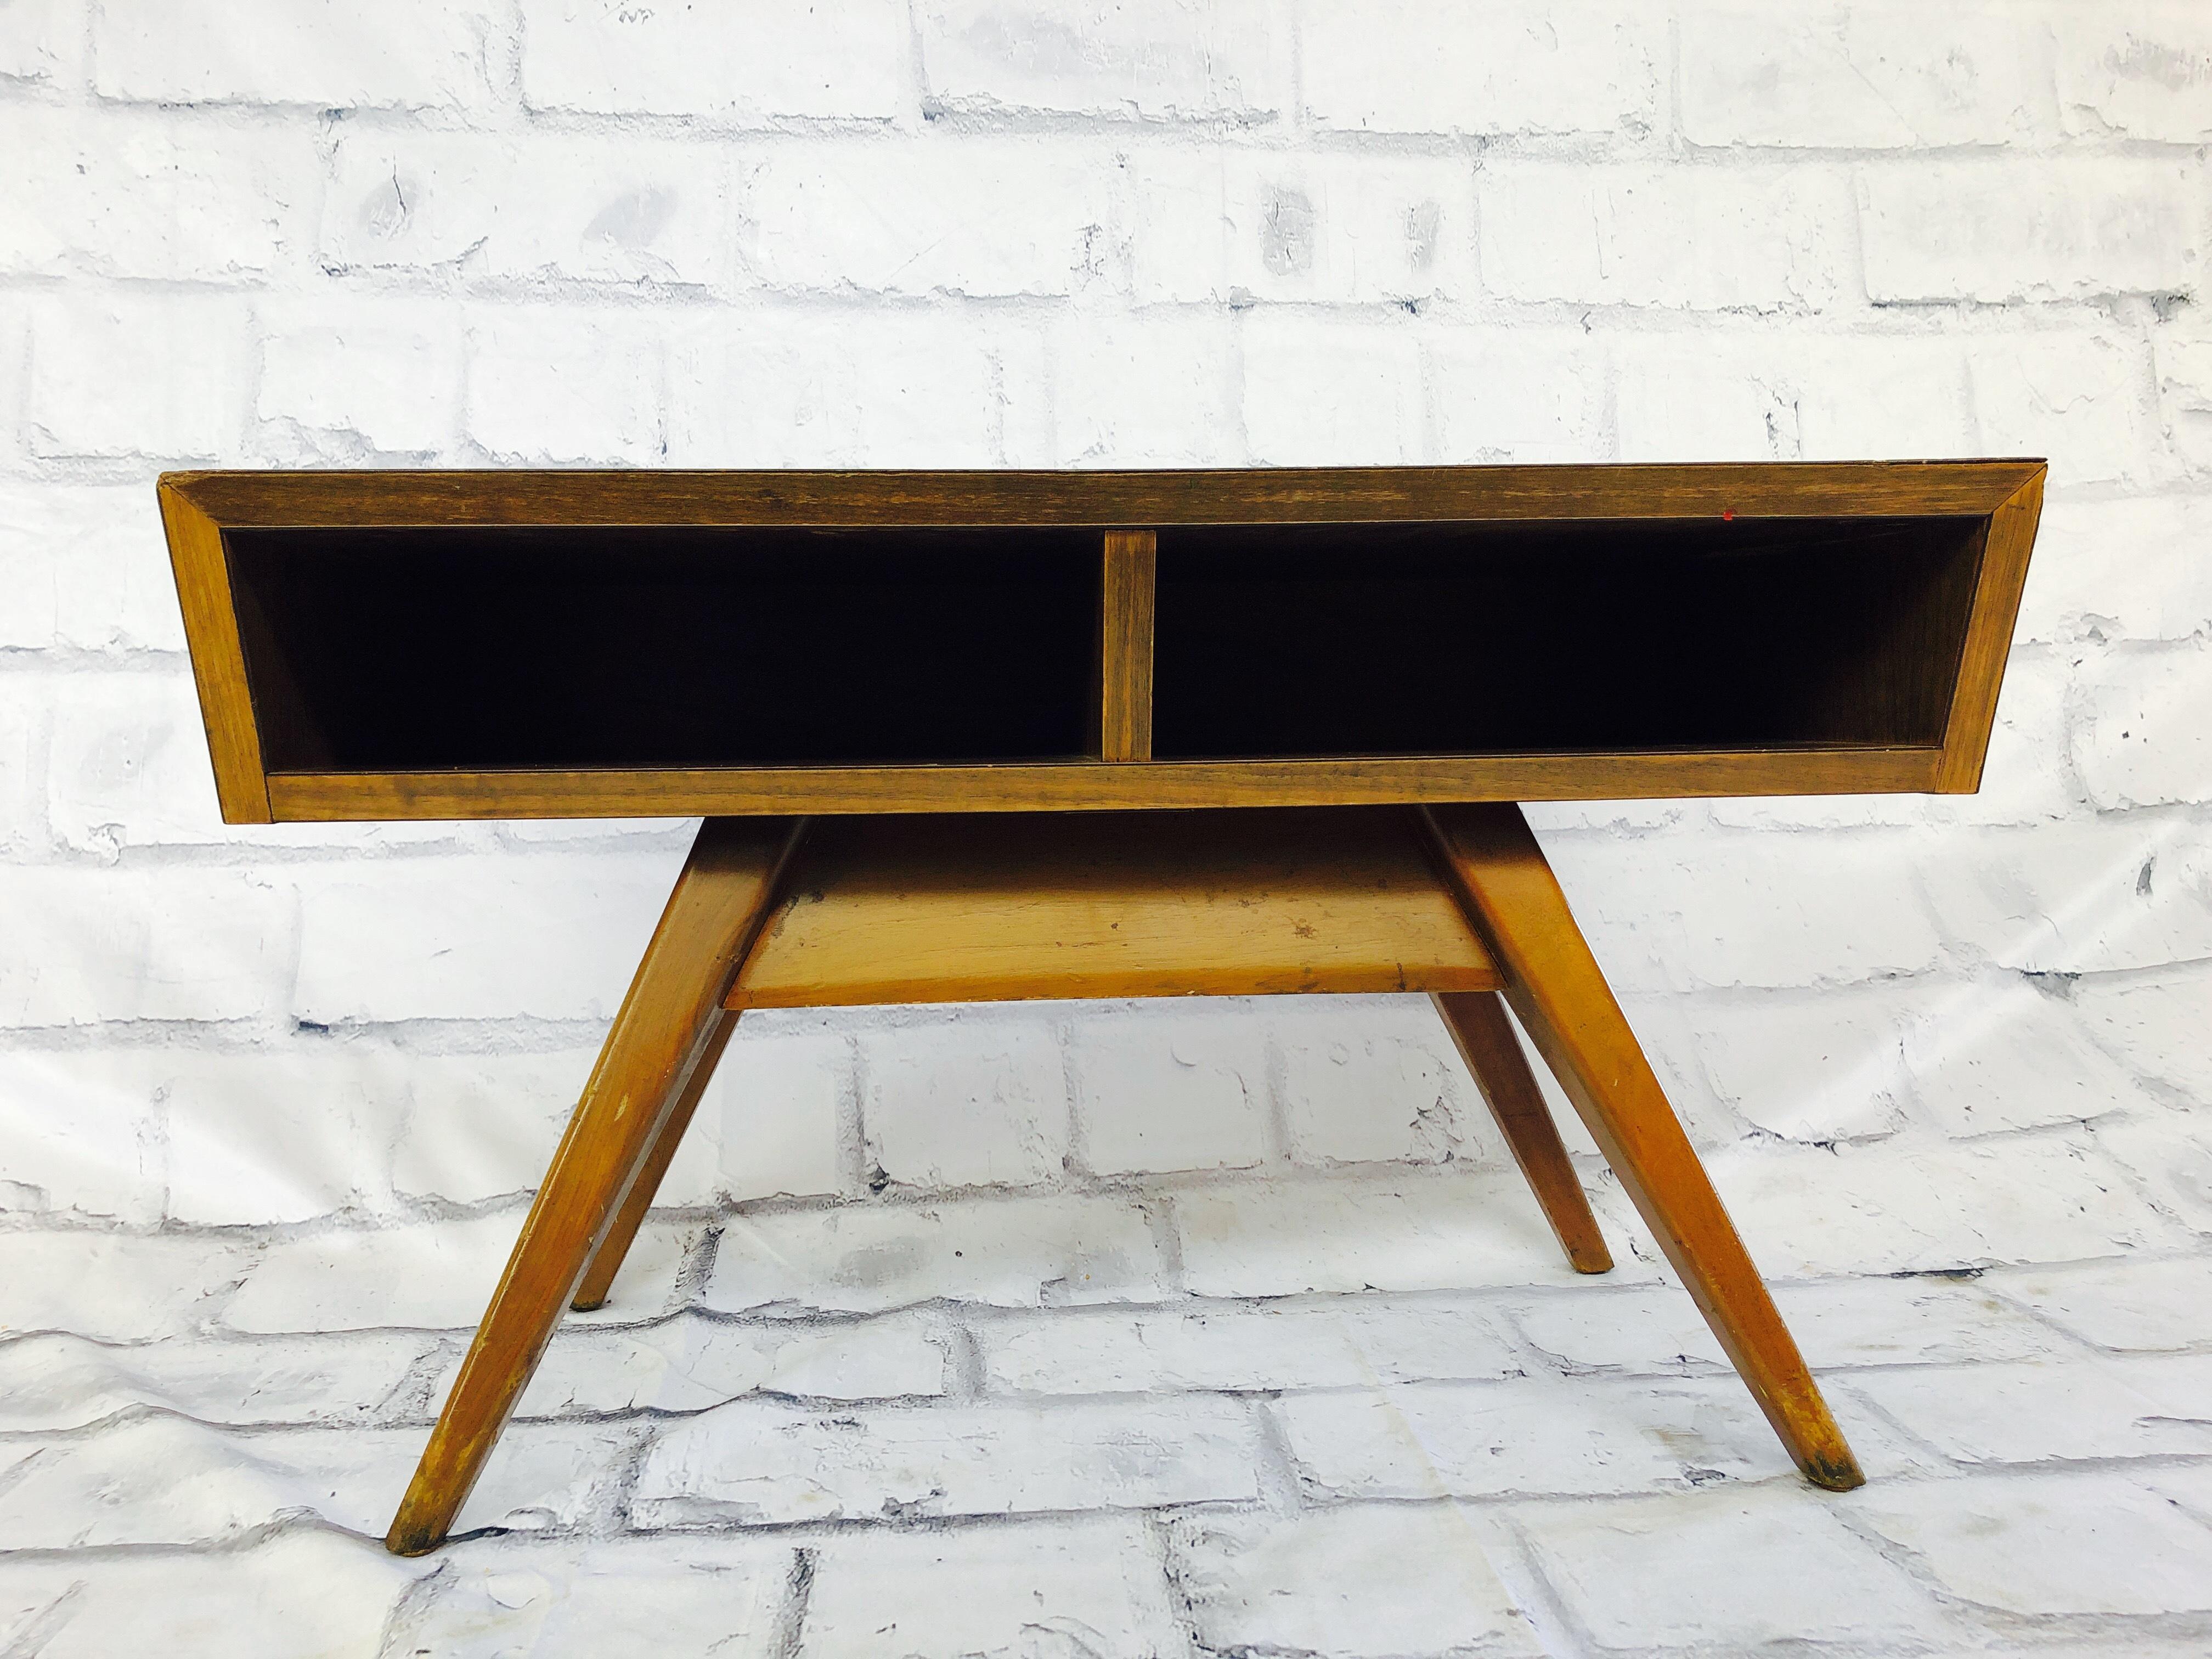 品番1539 デニッシュNYテーブル DANISH TABLE 家具 アンティーク